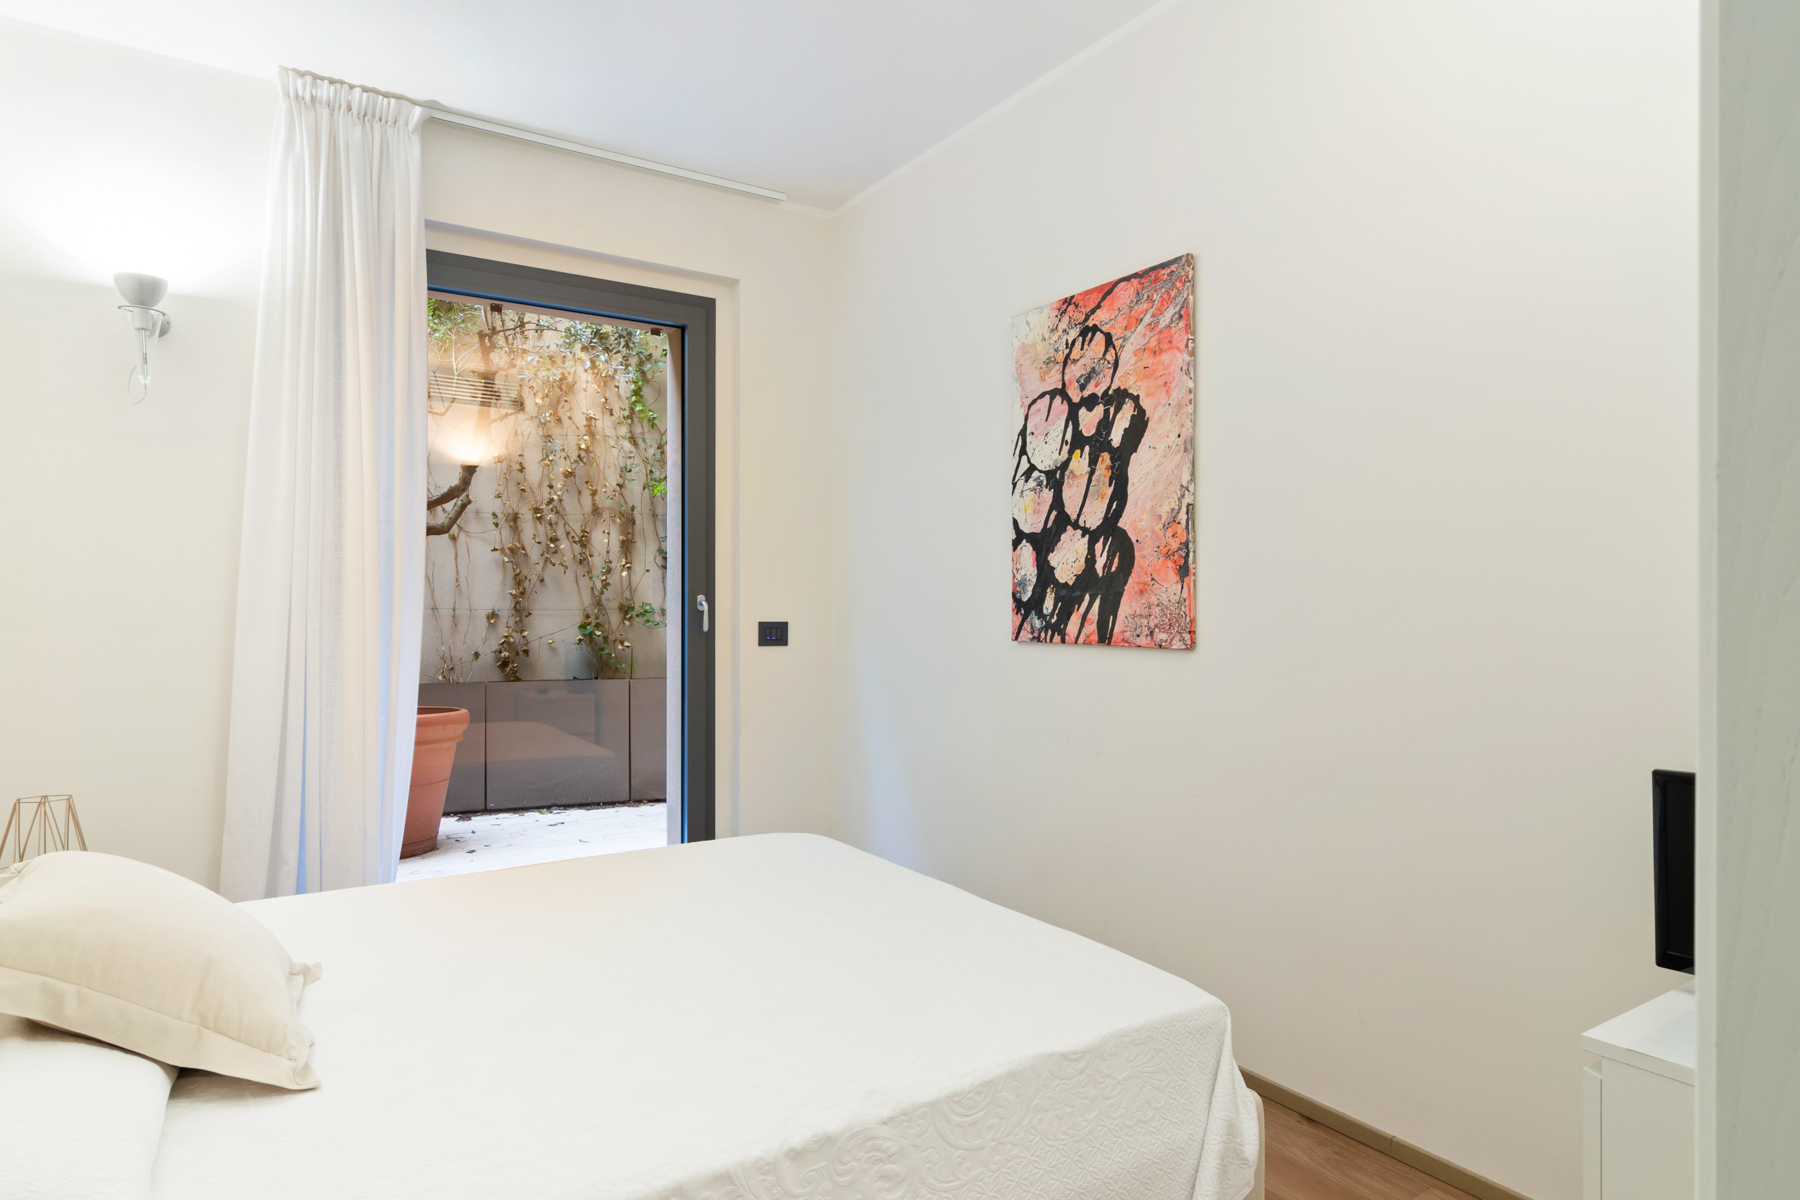 Appartamento in Vendita a Santa Margherita Ligure: 4 locali, 124 mq - Foto 9